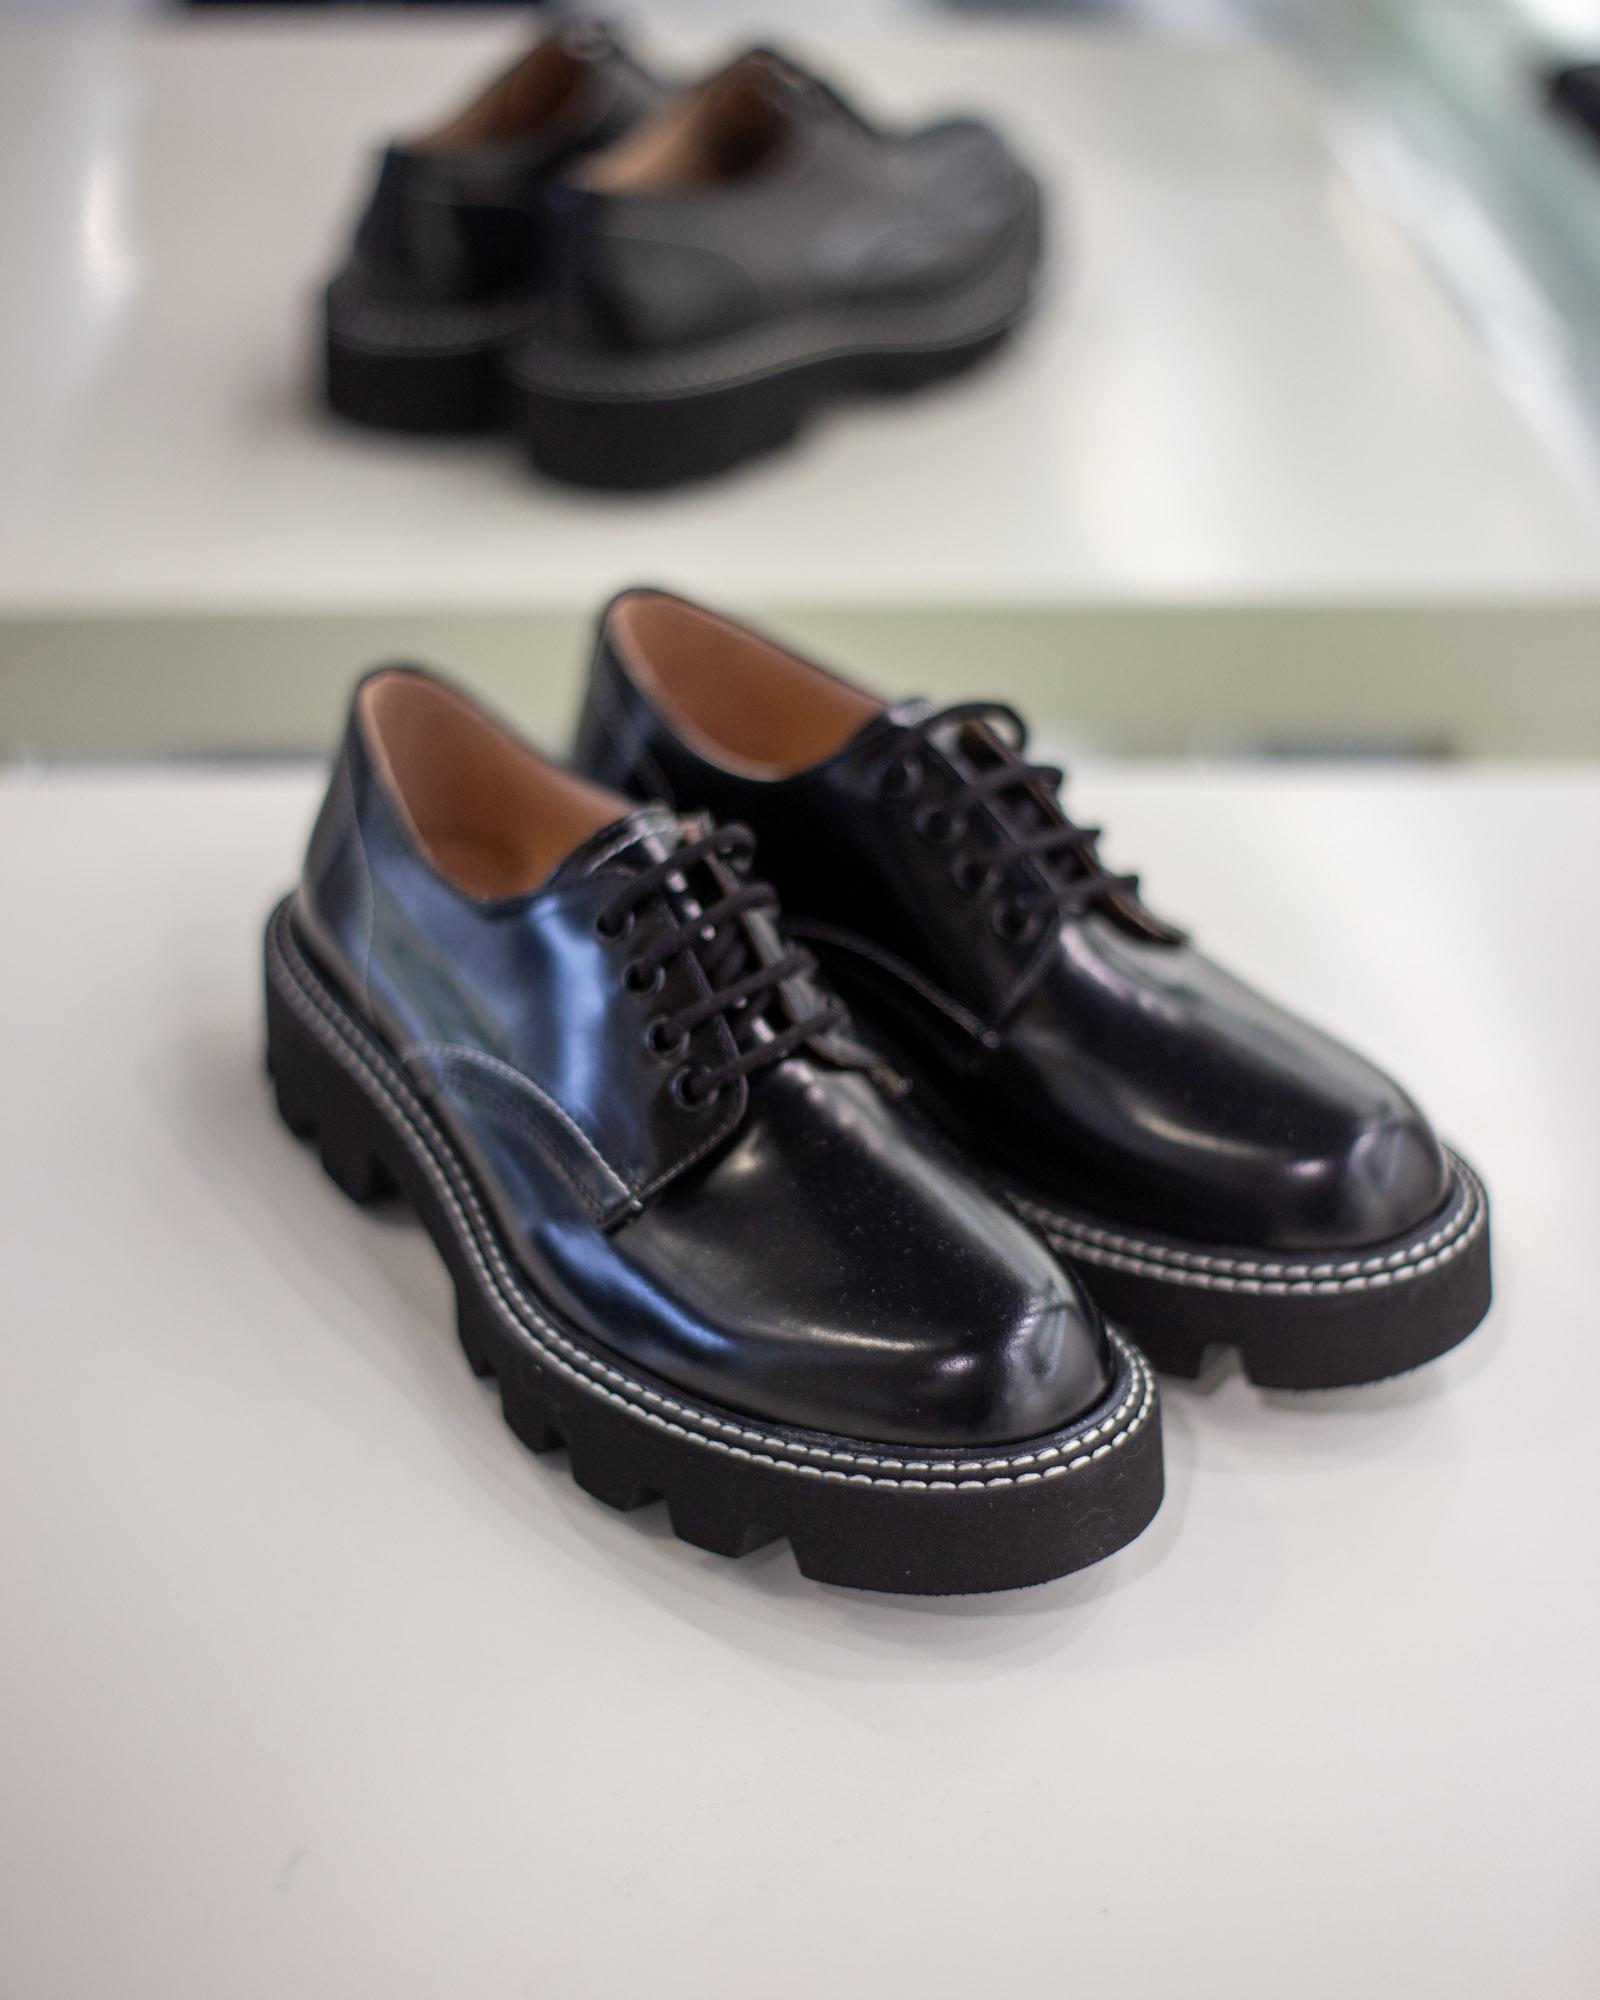 Scarpe casual nere in vernice Chiarini Bologna